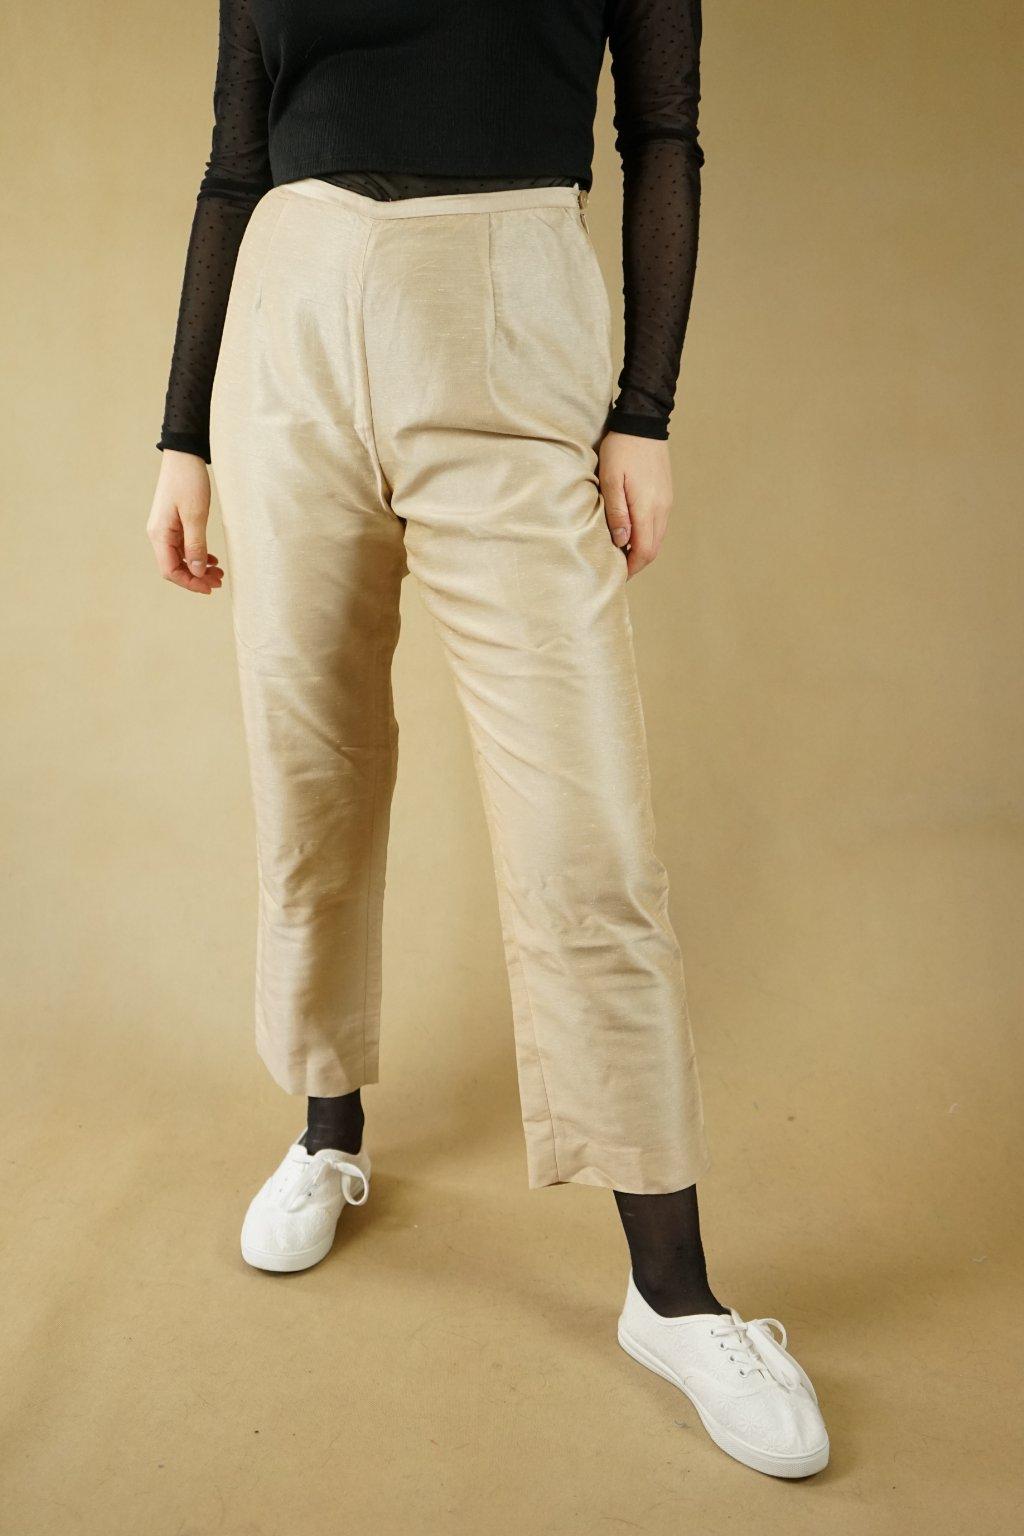 Béžové kalhoty vel. S/M